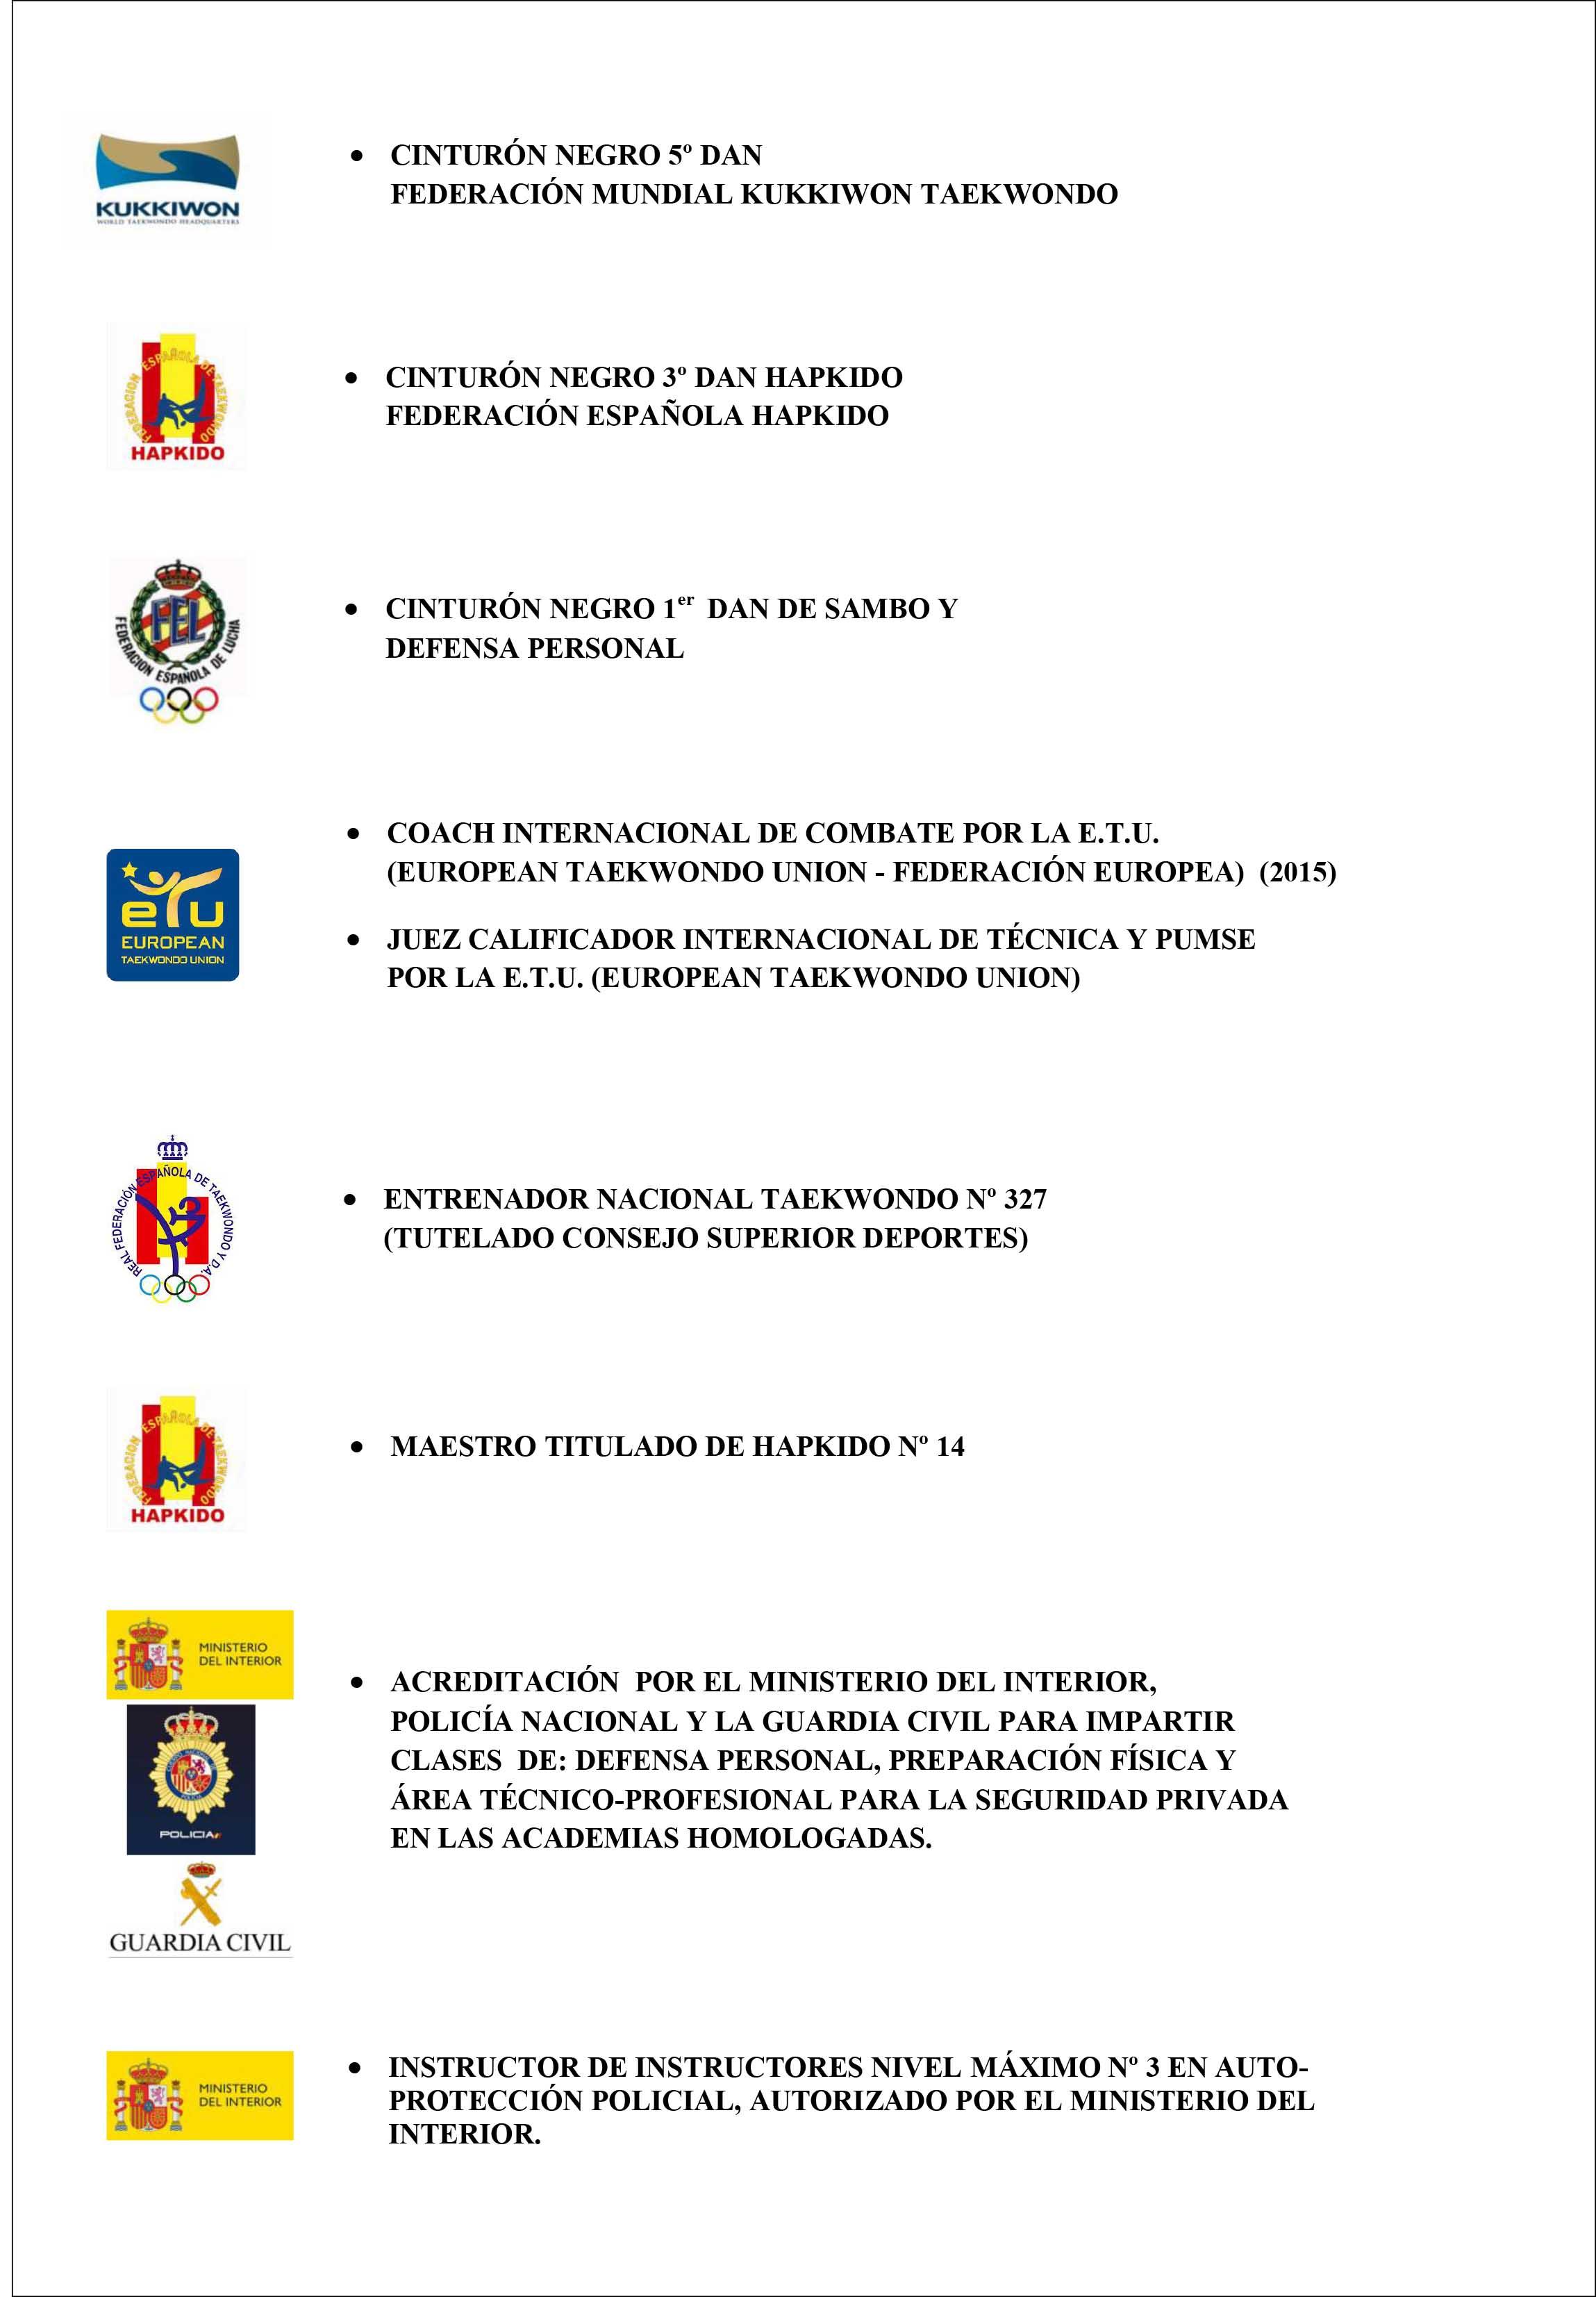 CV-GELE-e-historia-club-actualizado-a-26-07-2016-2